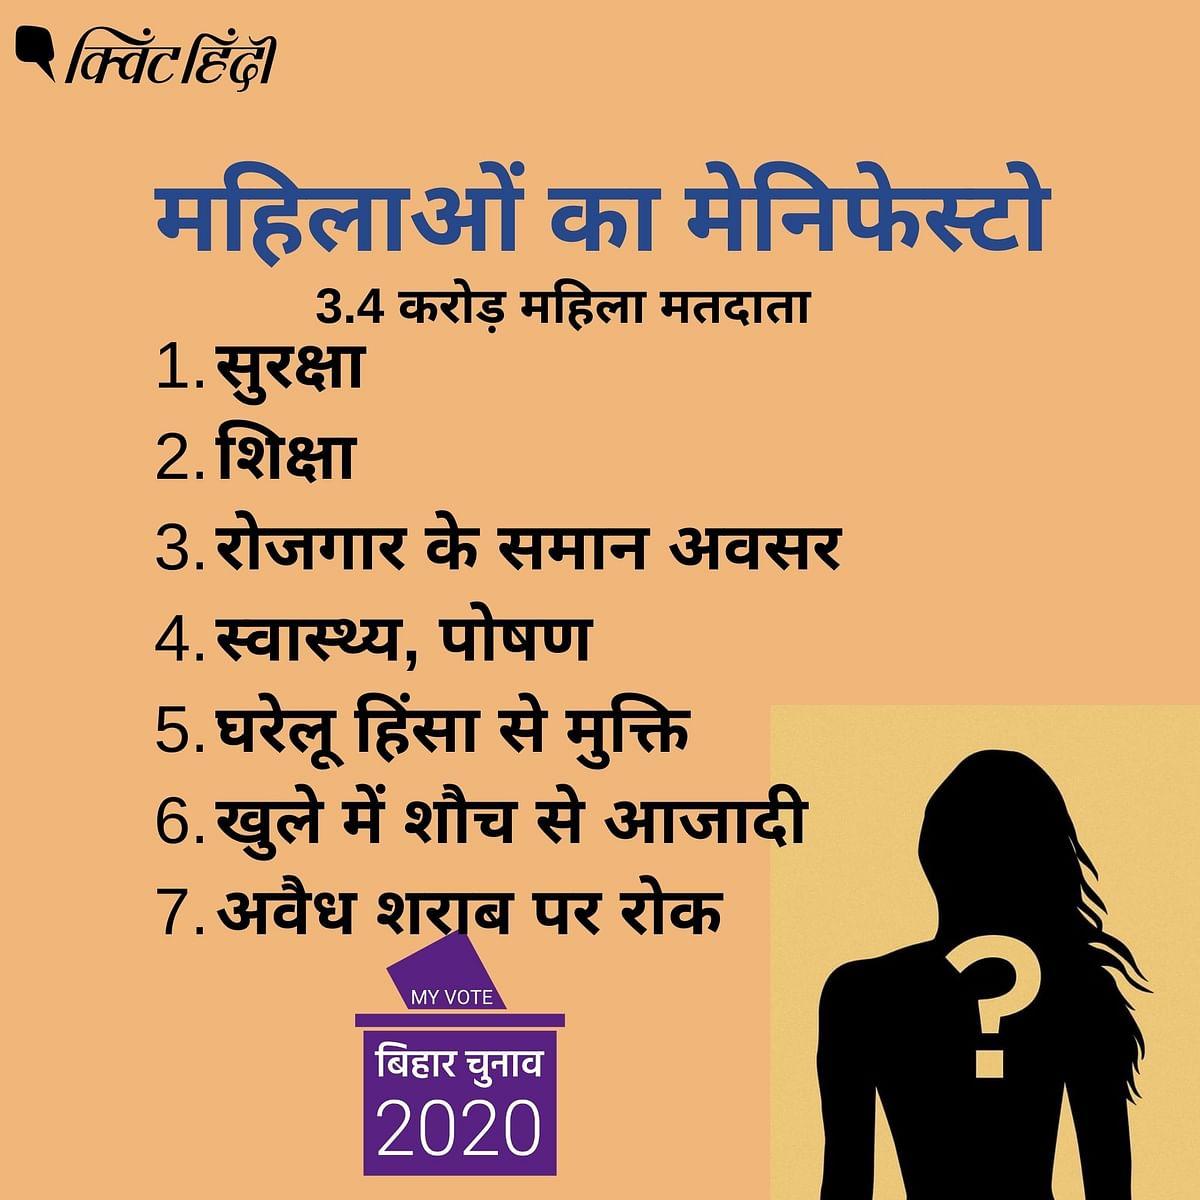 बिहार चुनाव 2020 के लिए महिलाओं का मेनिफेस्टो - 7 बड़ी मांग